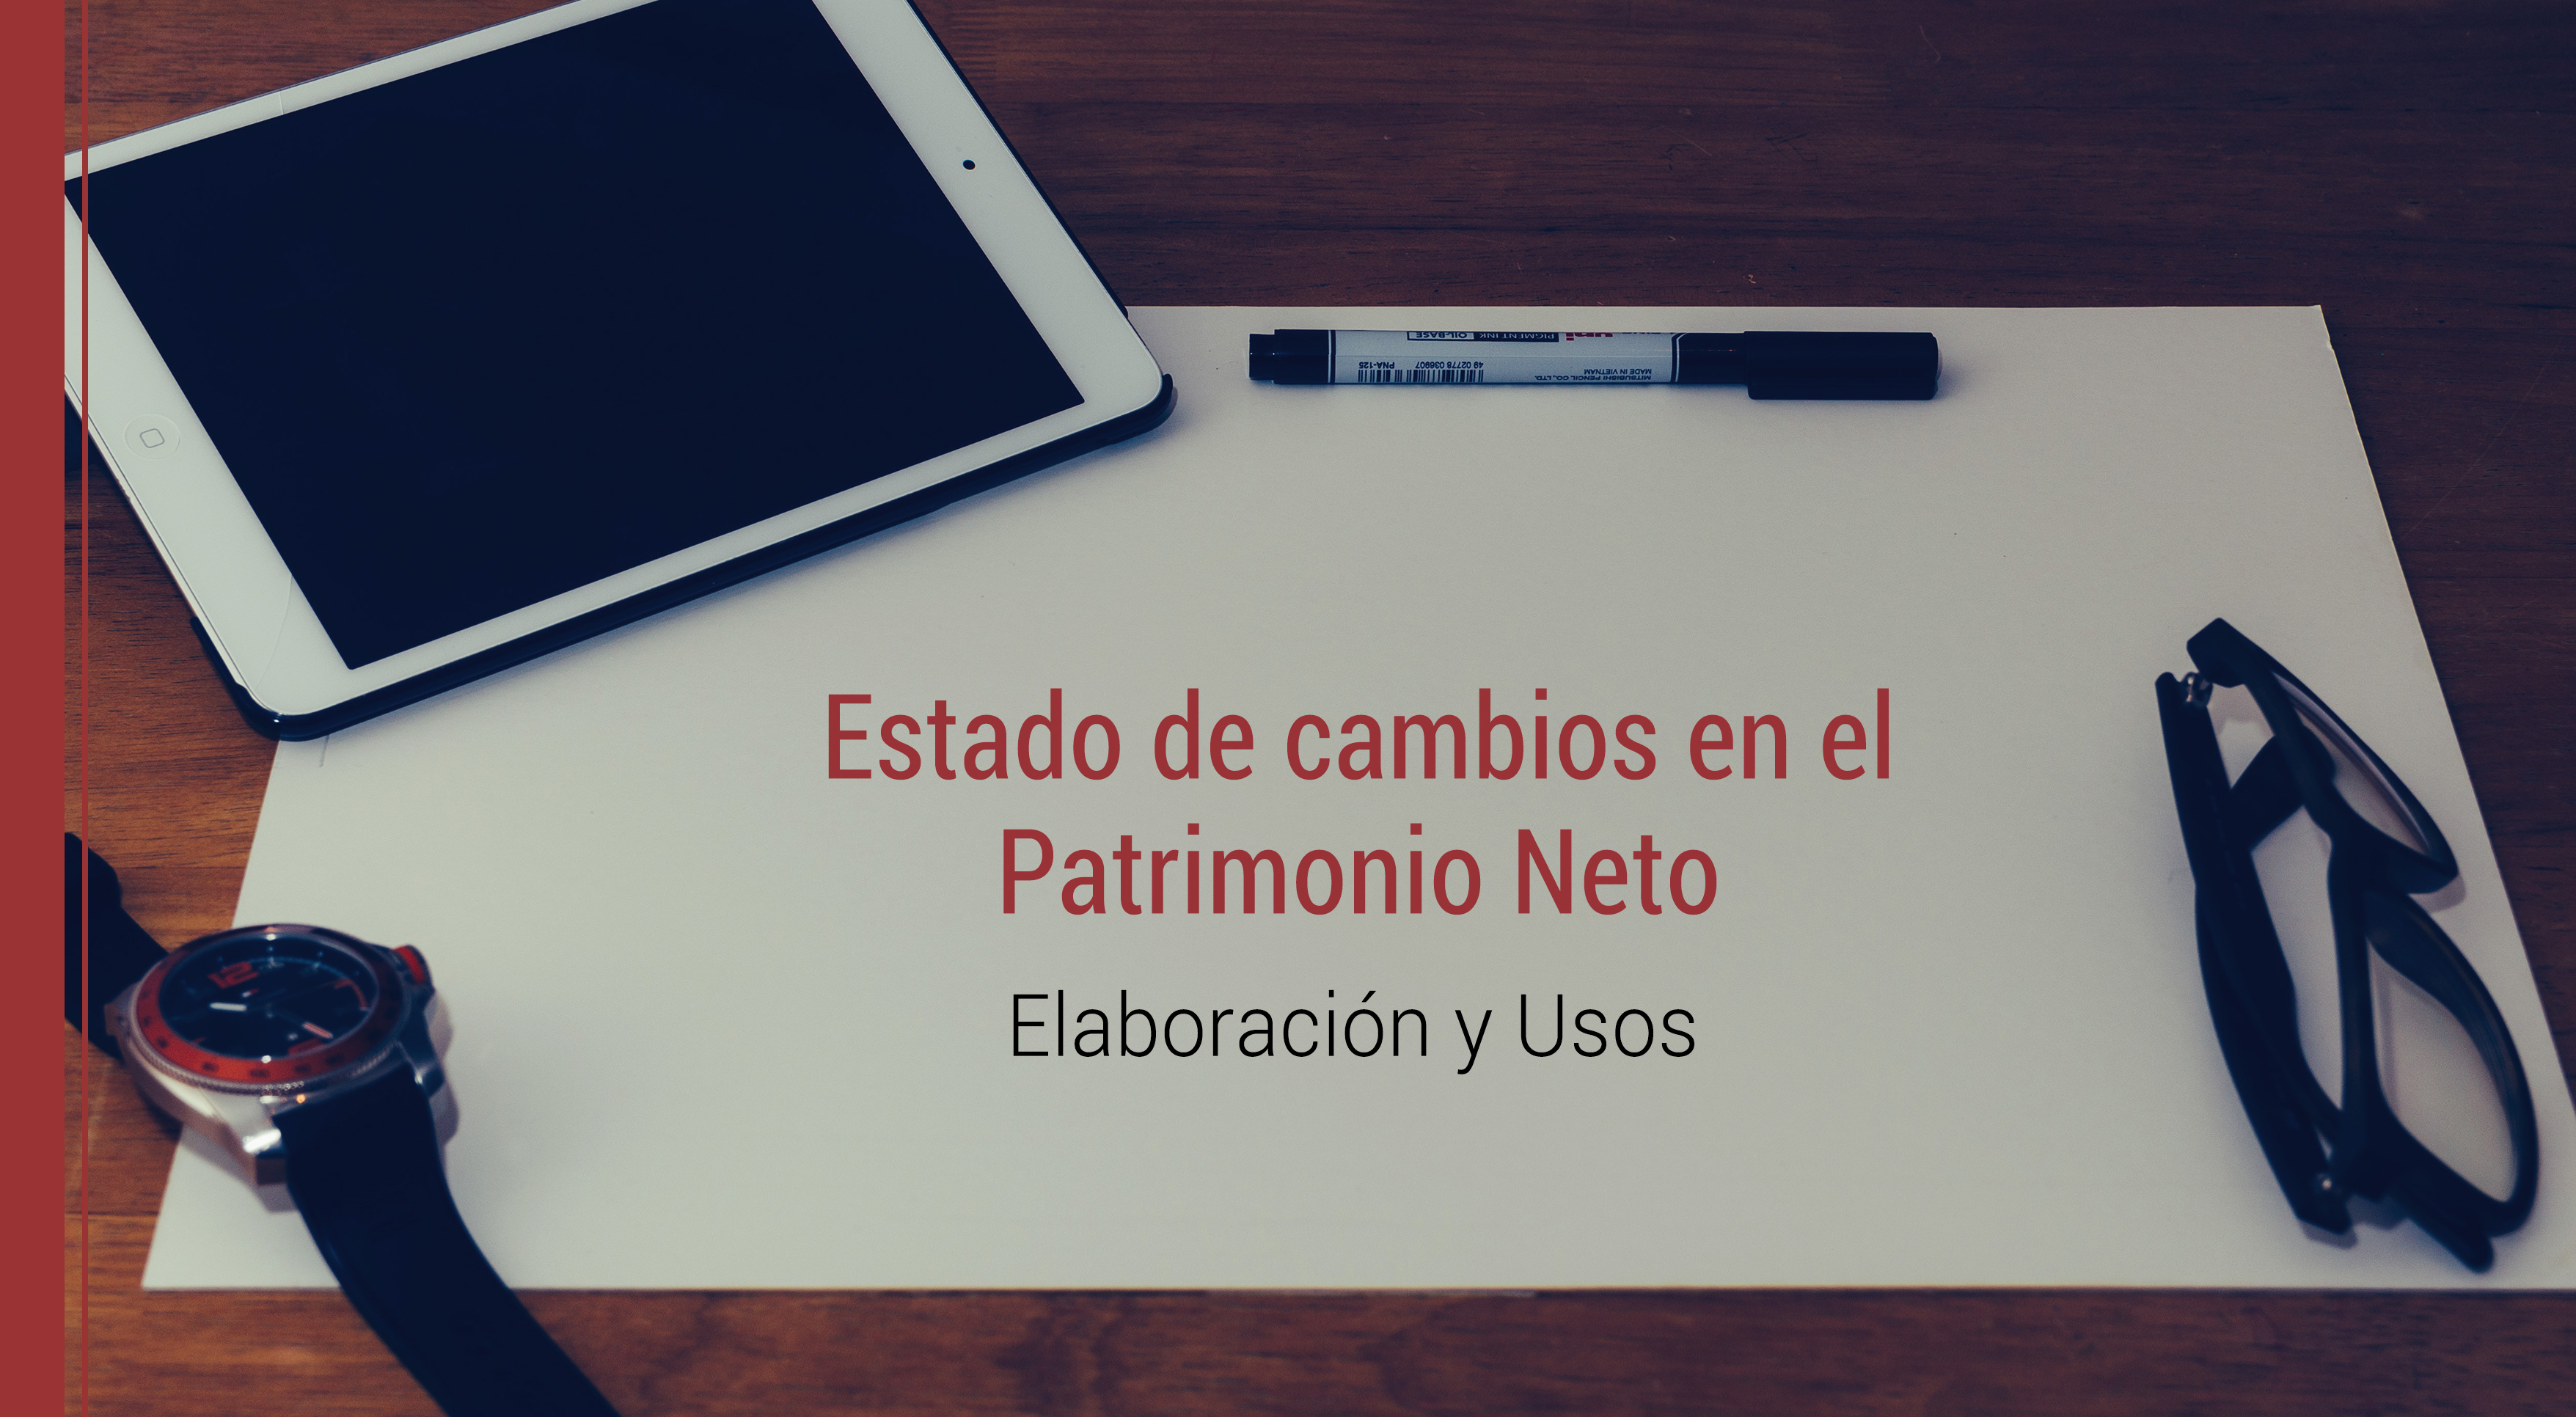 estado-de-cambios-patrimonio-neto-elaboracion Estado de cambios en el Patrimonio Neto, elaboración y usos